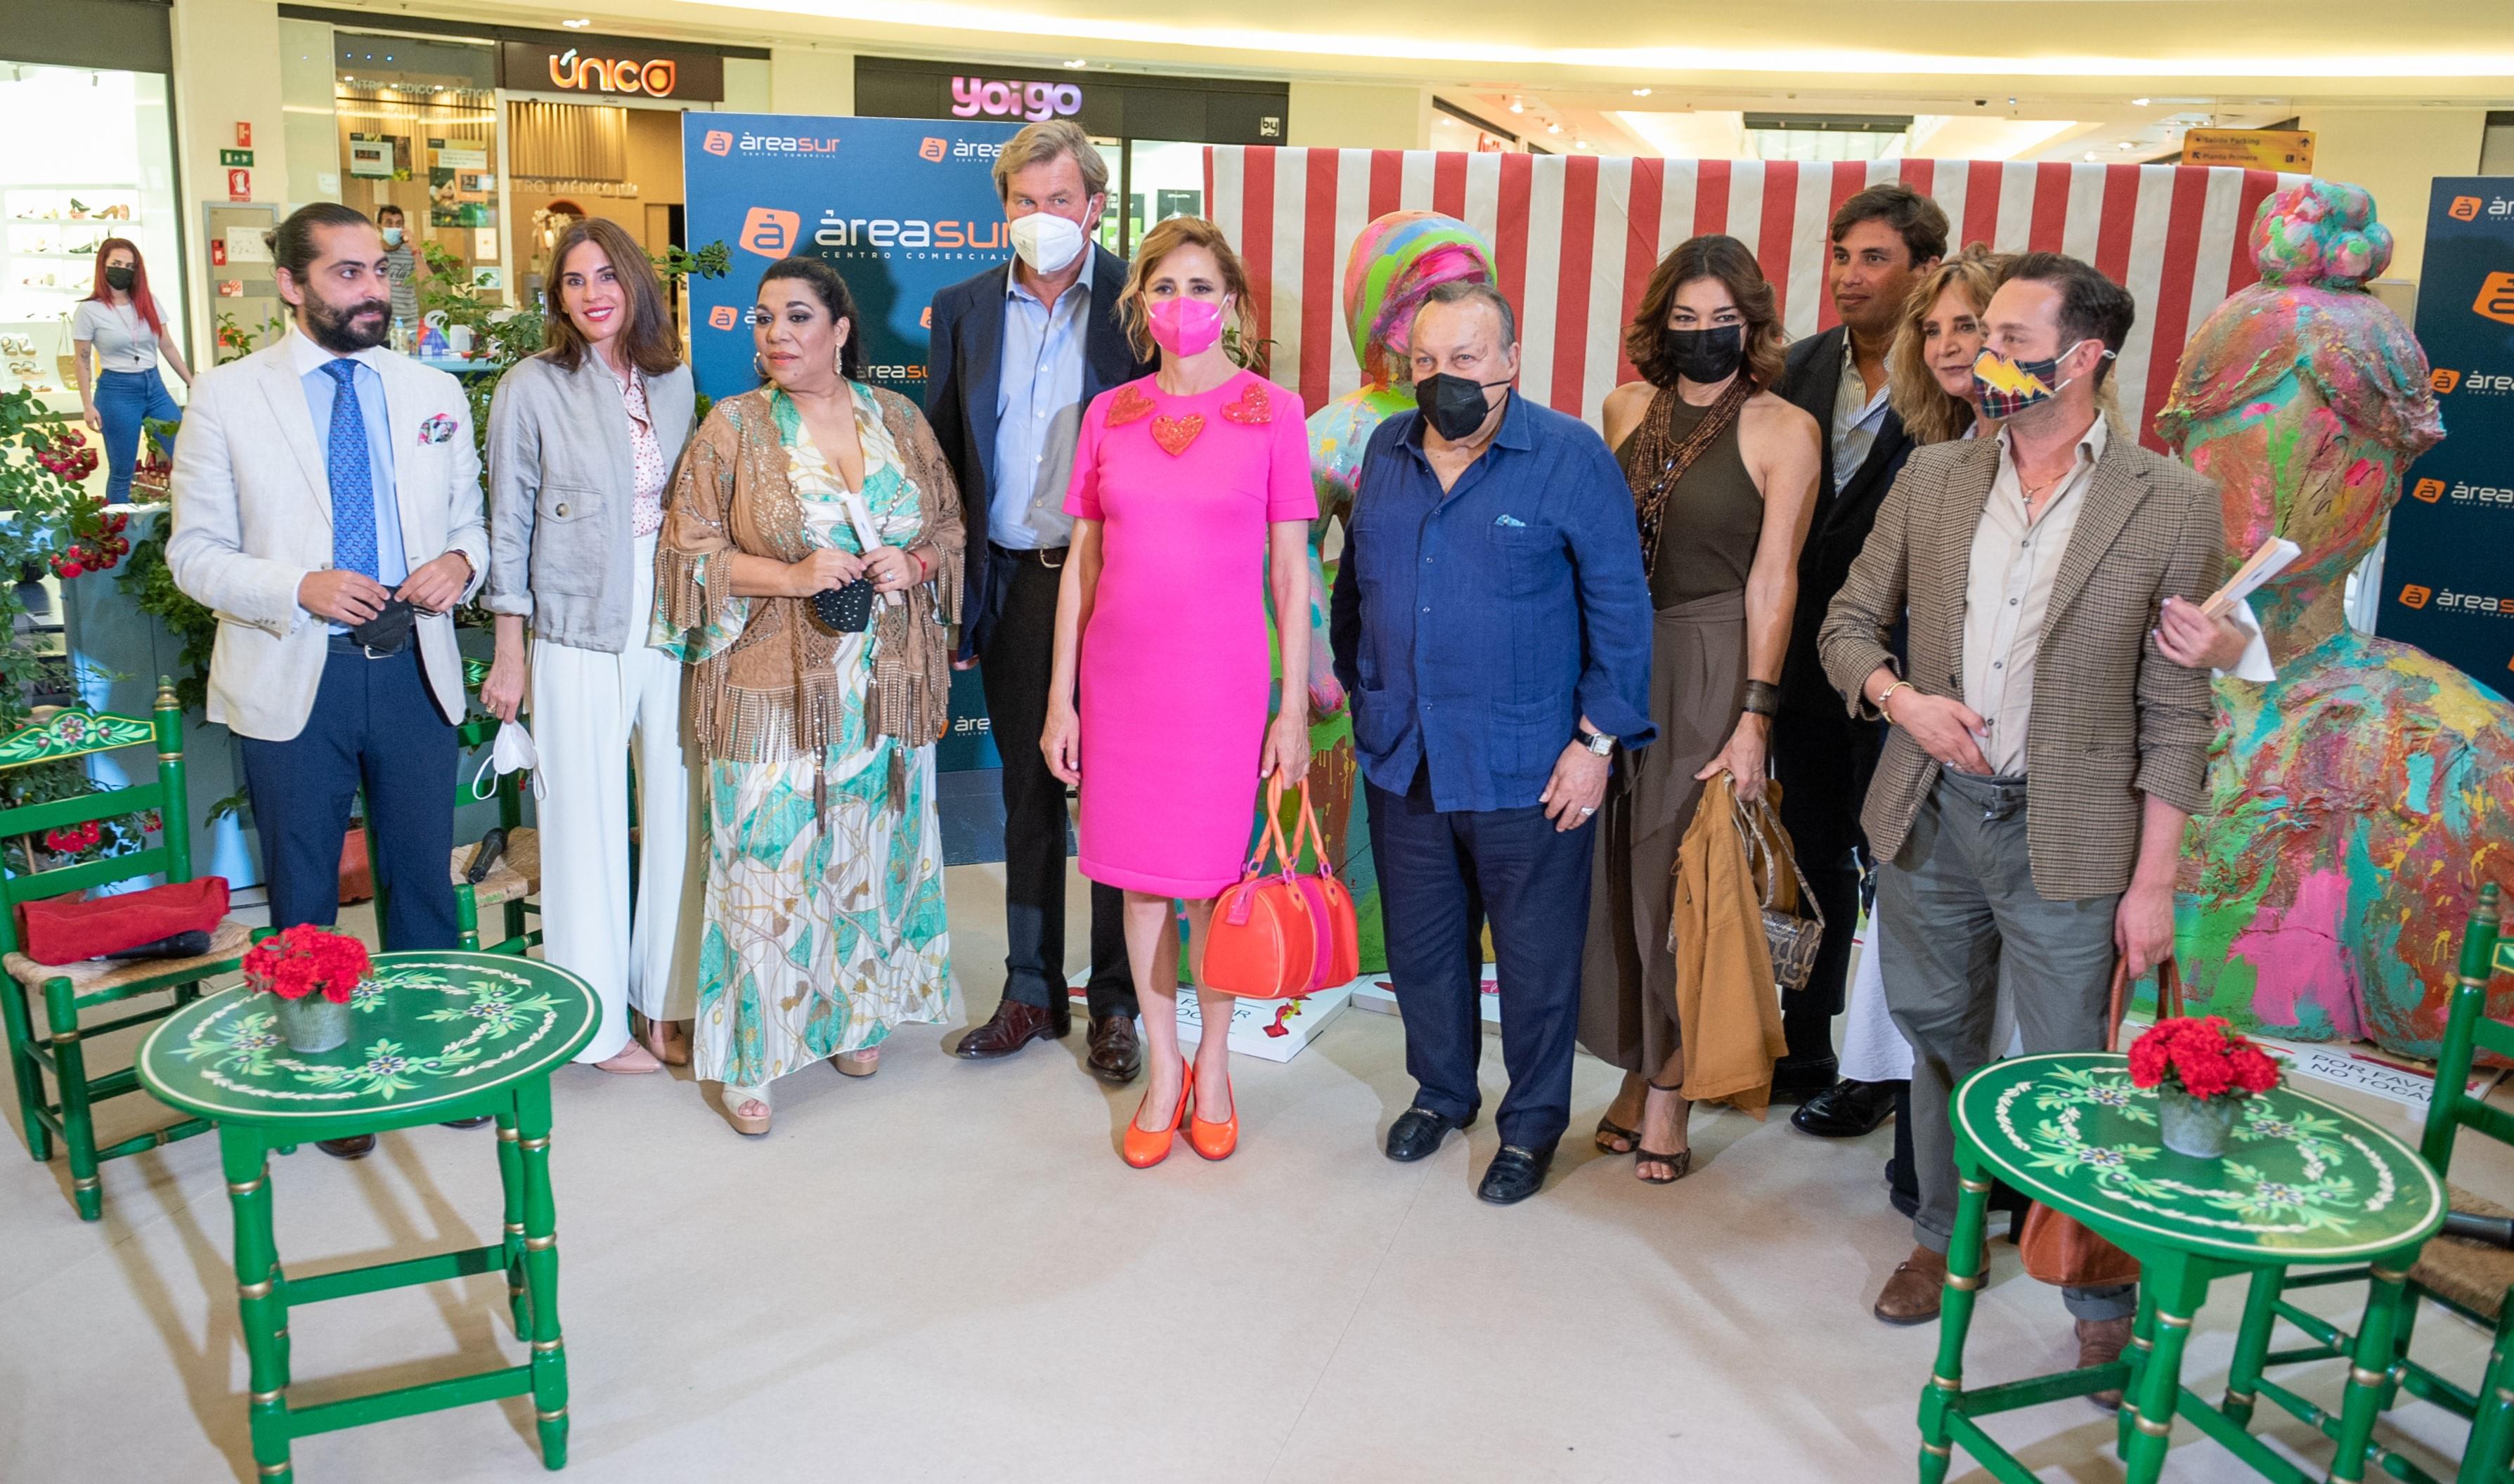 El mundo taurino, del arte o la moda se cita en Área Sur en homenaje a la Feria